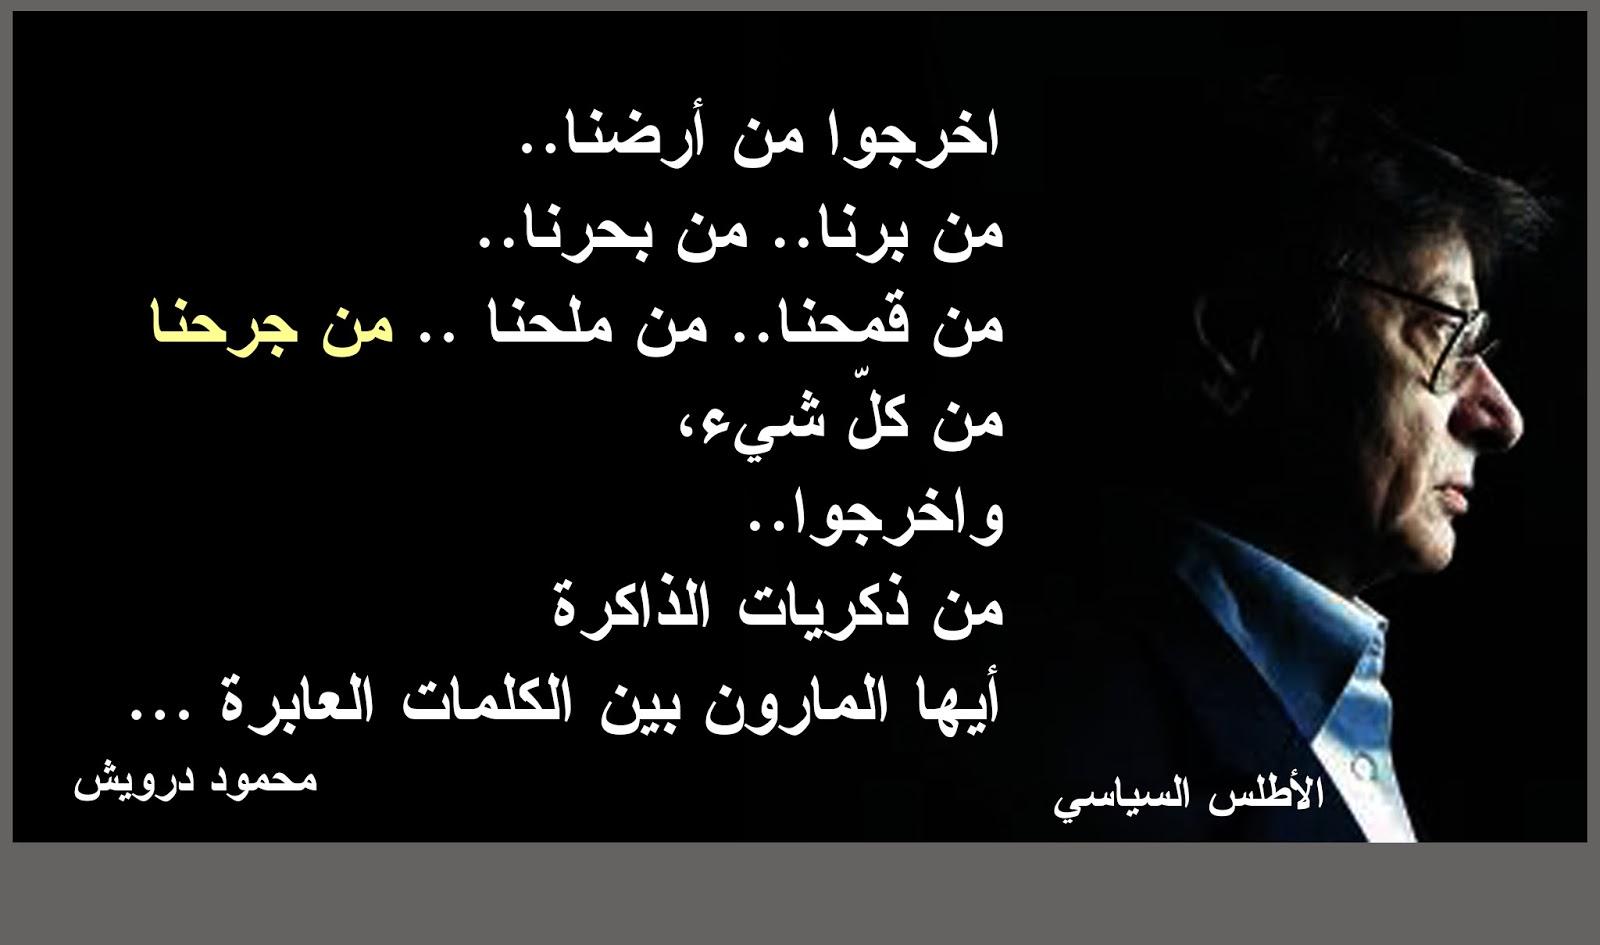 بالصور شعر محمود درويش , اجمل الاشعار 3291 1